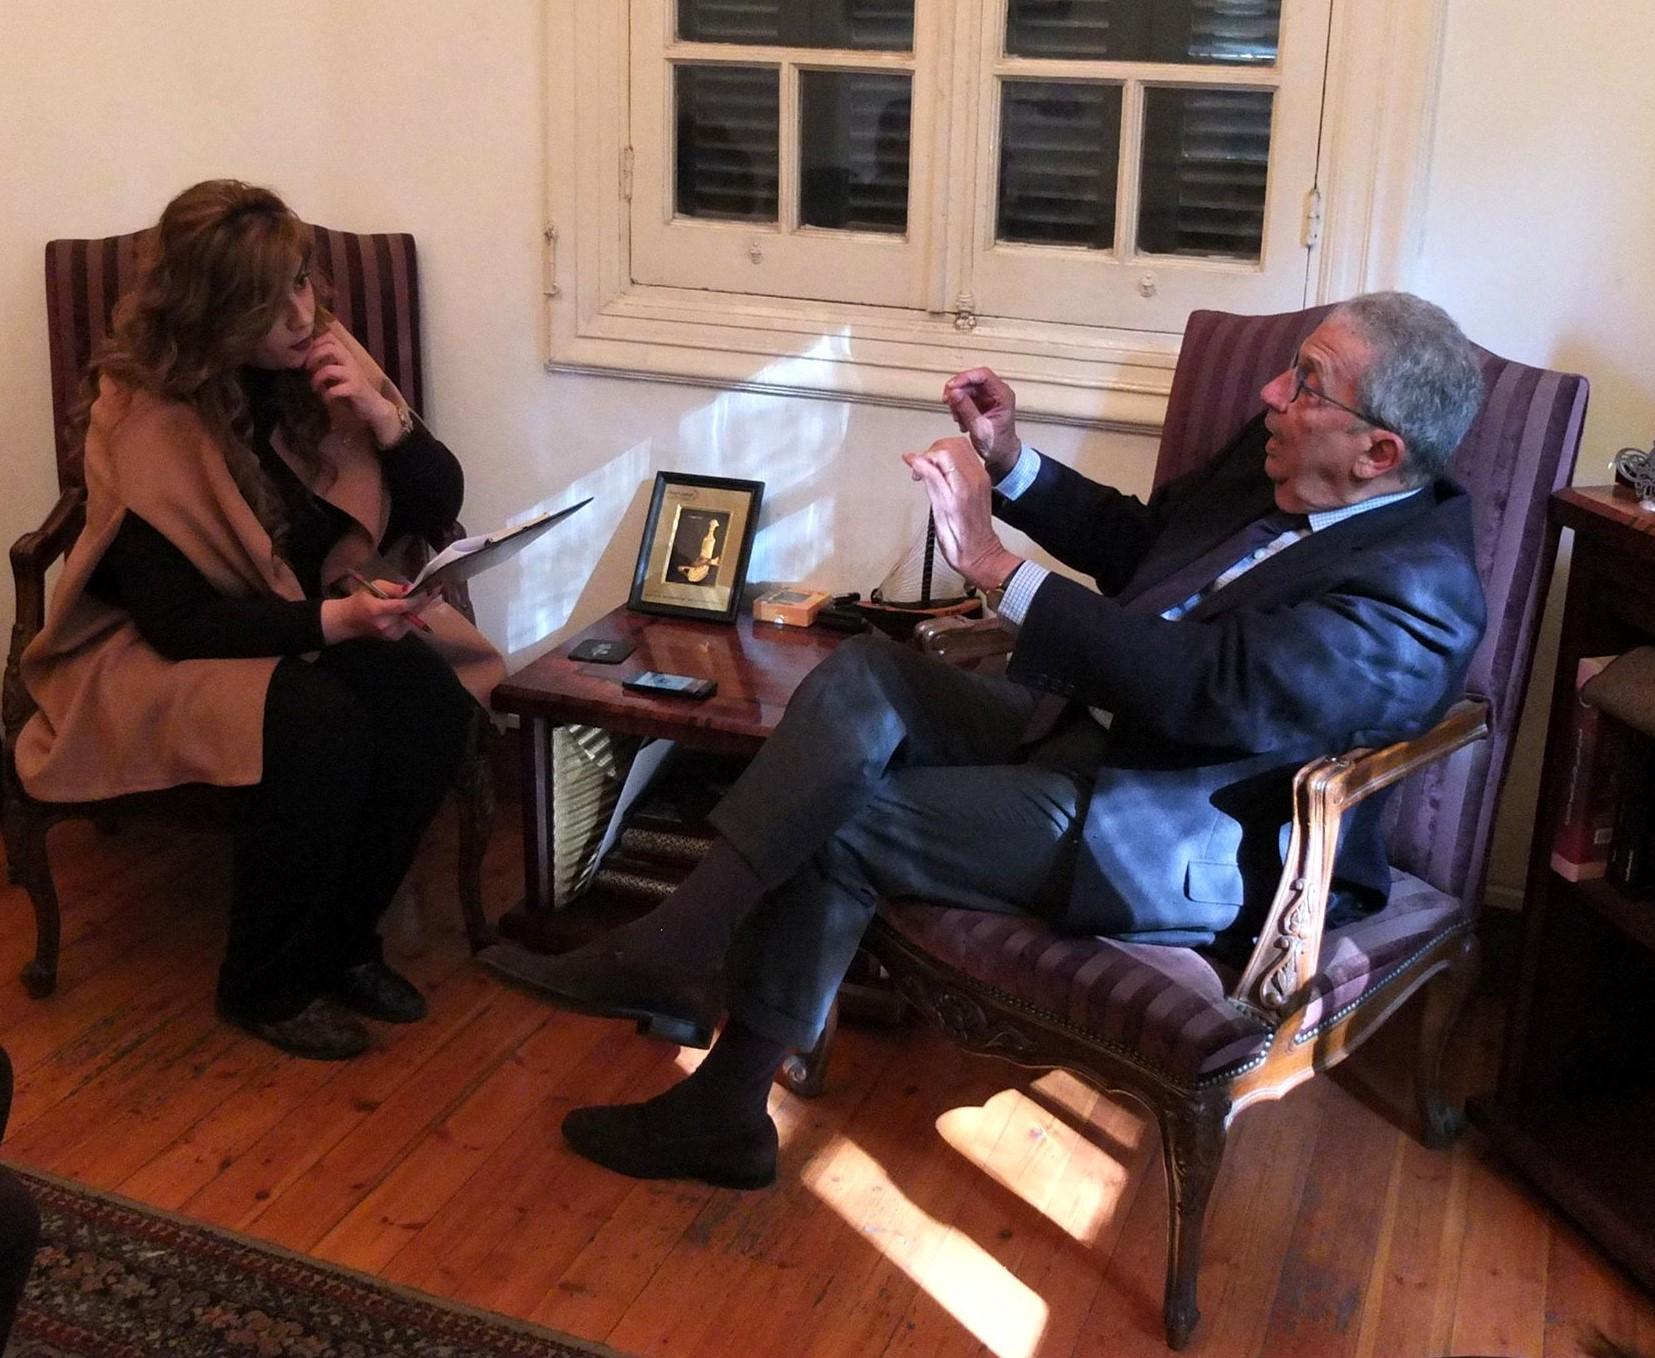 الأمين العام الأسبق للجامعة العربية عمرو موسى خلال المقابلة مع مسؤولة التحرير في مكتب إندبنجنت عربية في القاهرة( صلاح الرشييد)